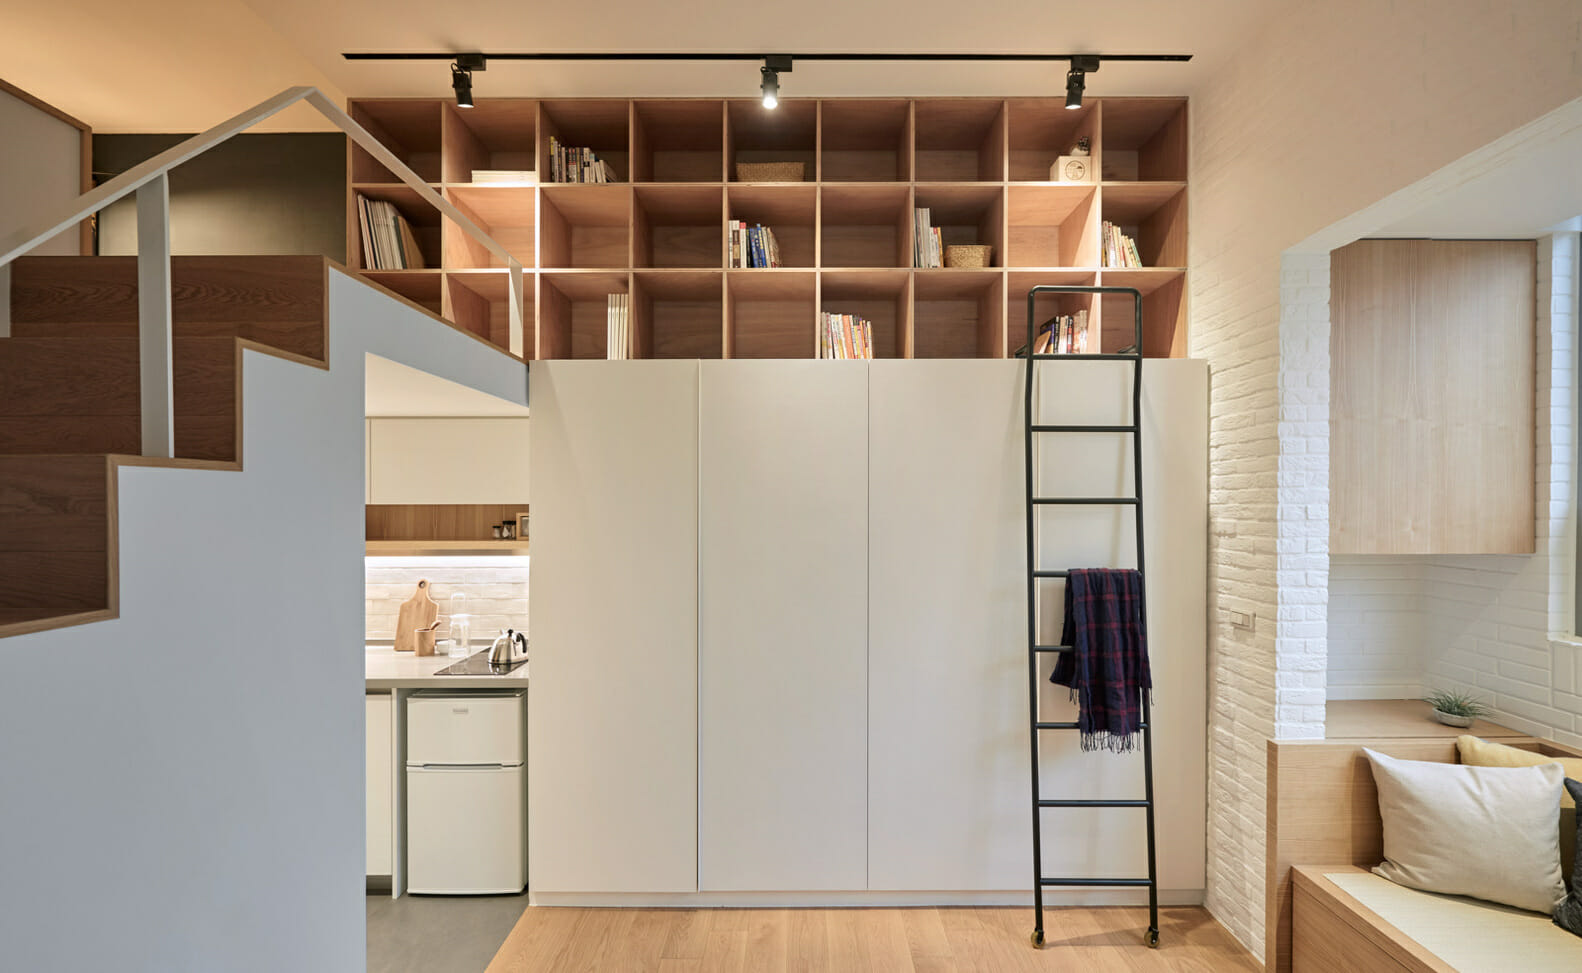 hình ảnh khu vực cầu thang thích hợp ngăn kệ, giá sách, tủ lưu trữ đẹp